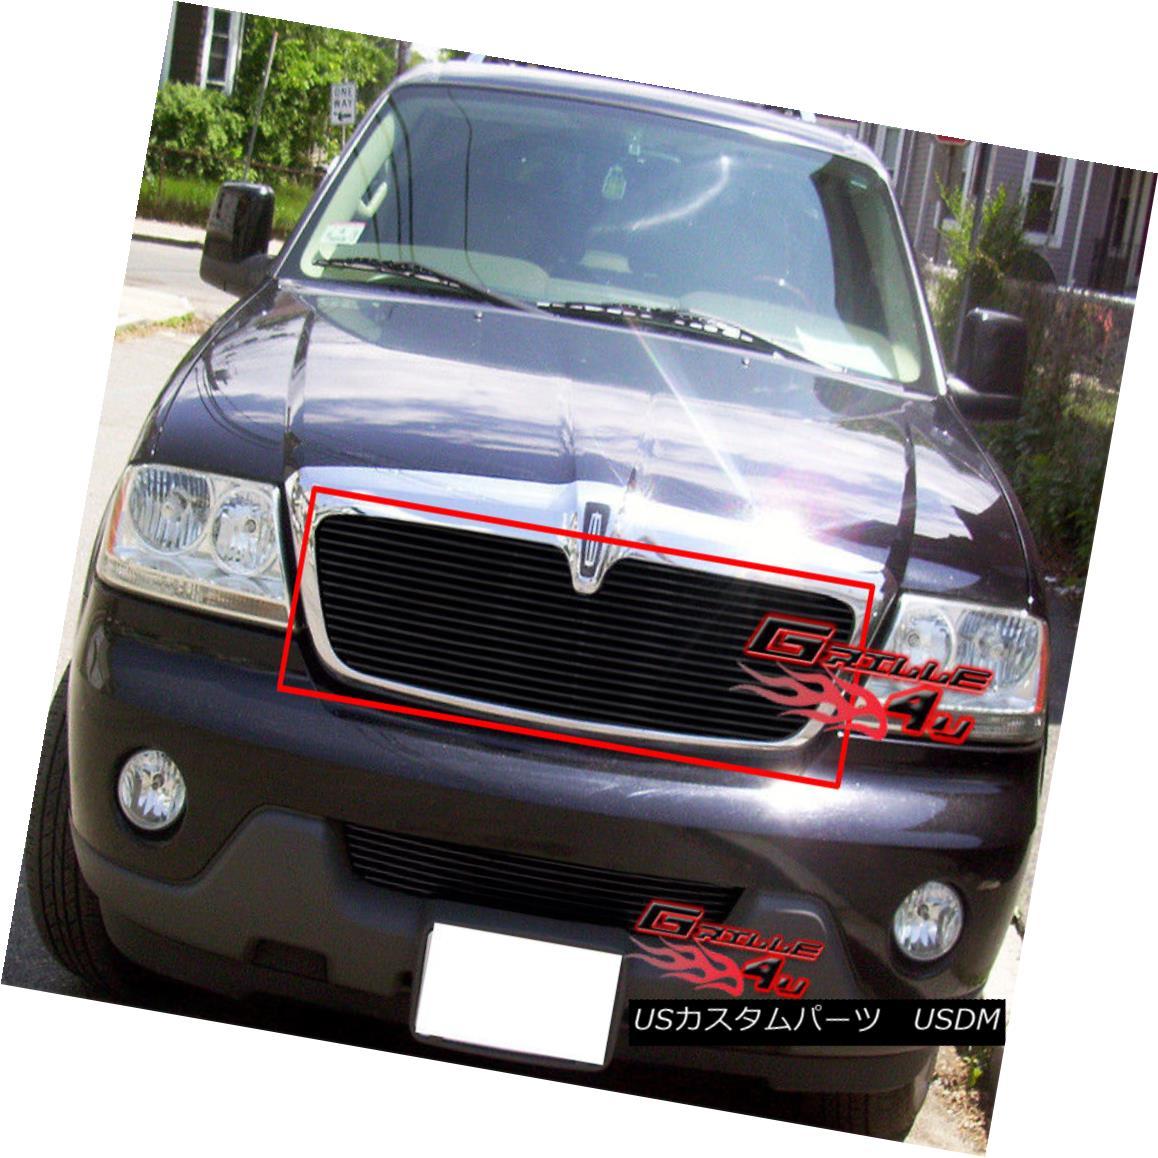 グリル Fits 2003-2006 Lincoln Aviator Black Billet Main Upper Grille Insert フィット2003-2006リンカーンアビエイターブラックビレットメインアッパーグリルインサート